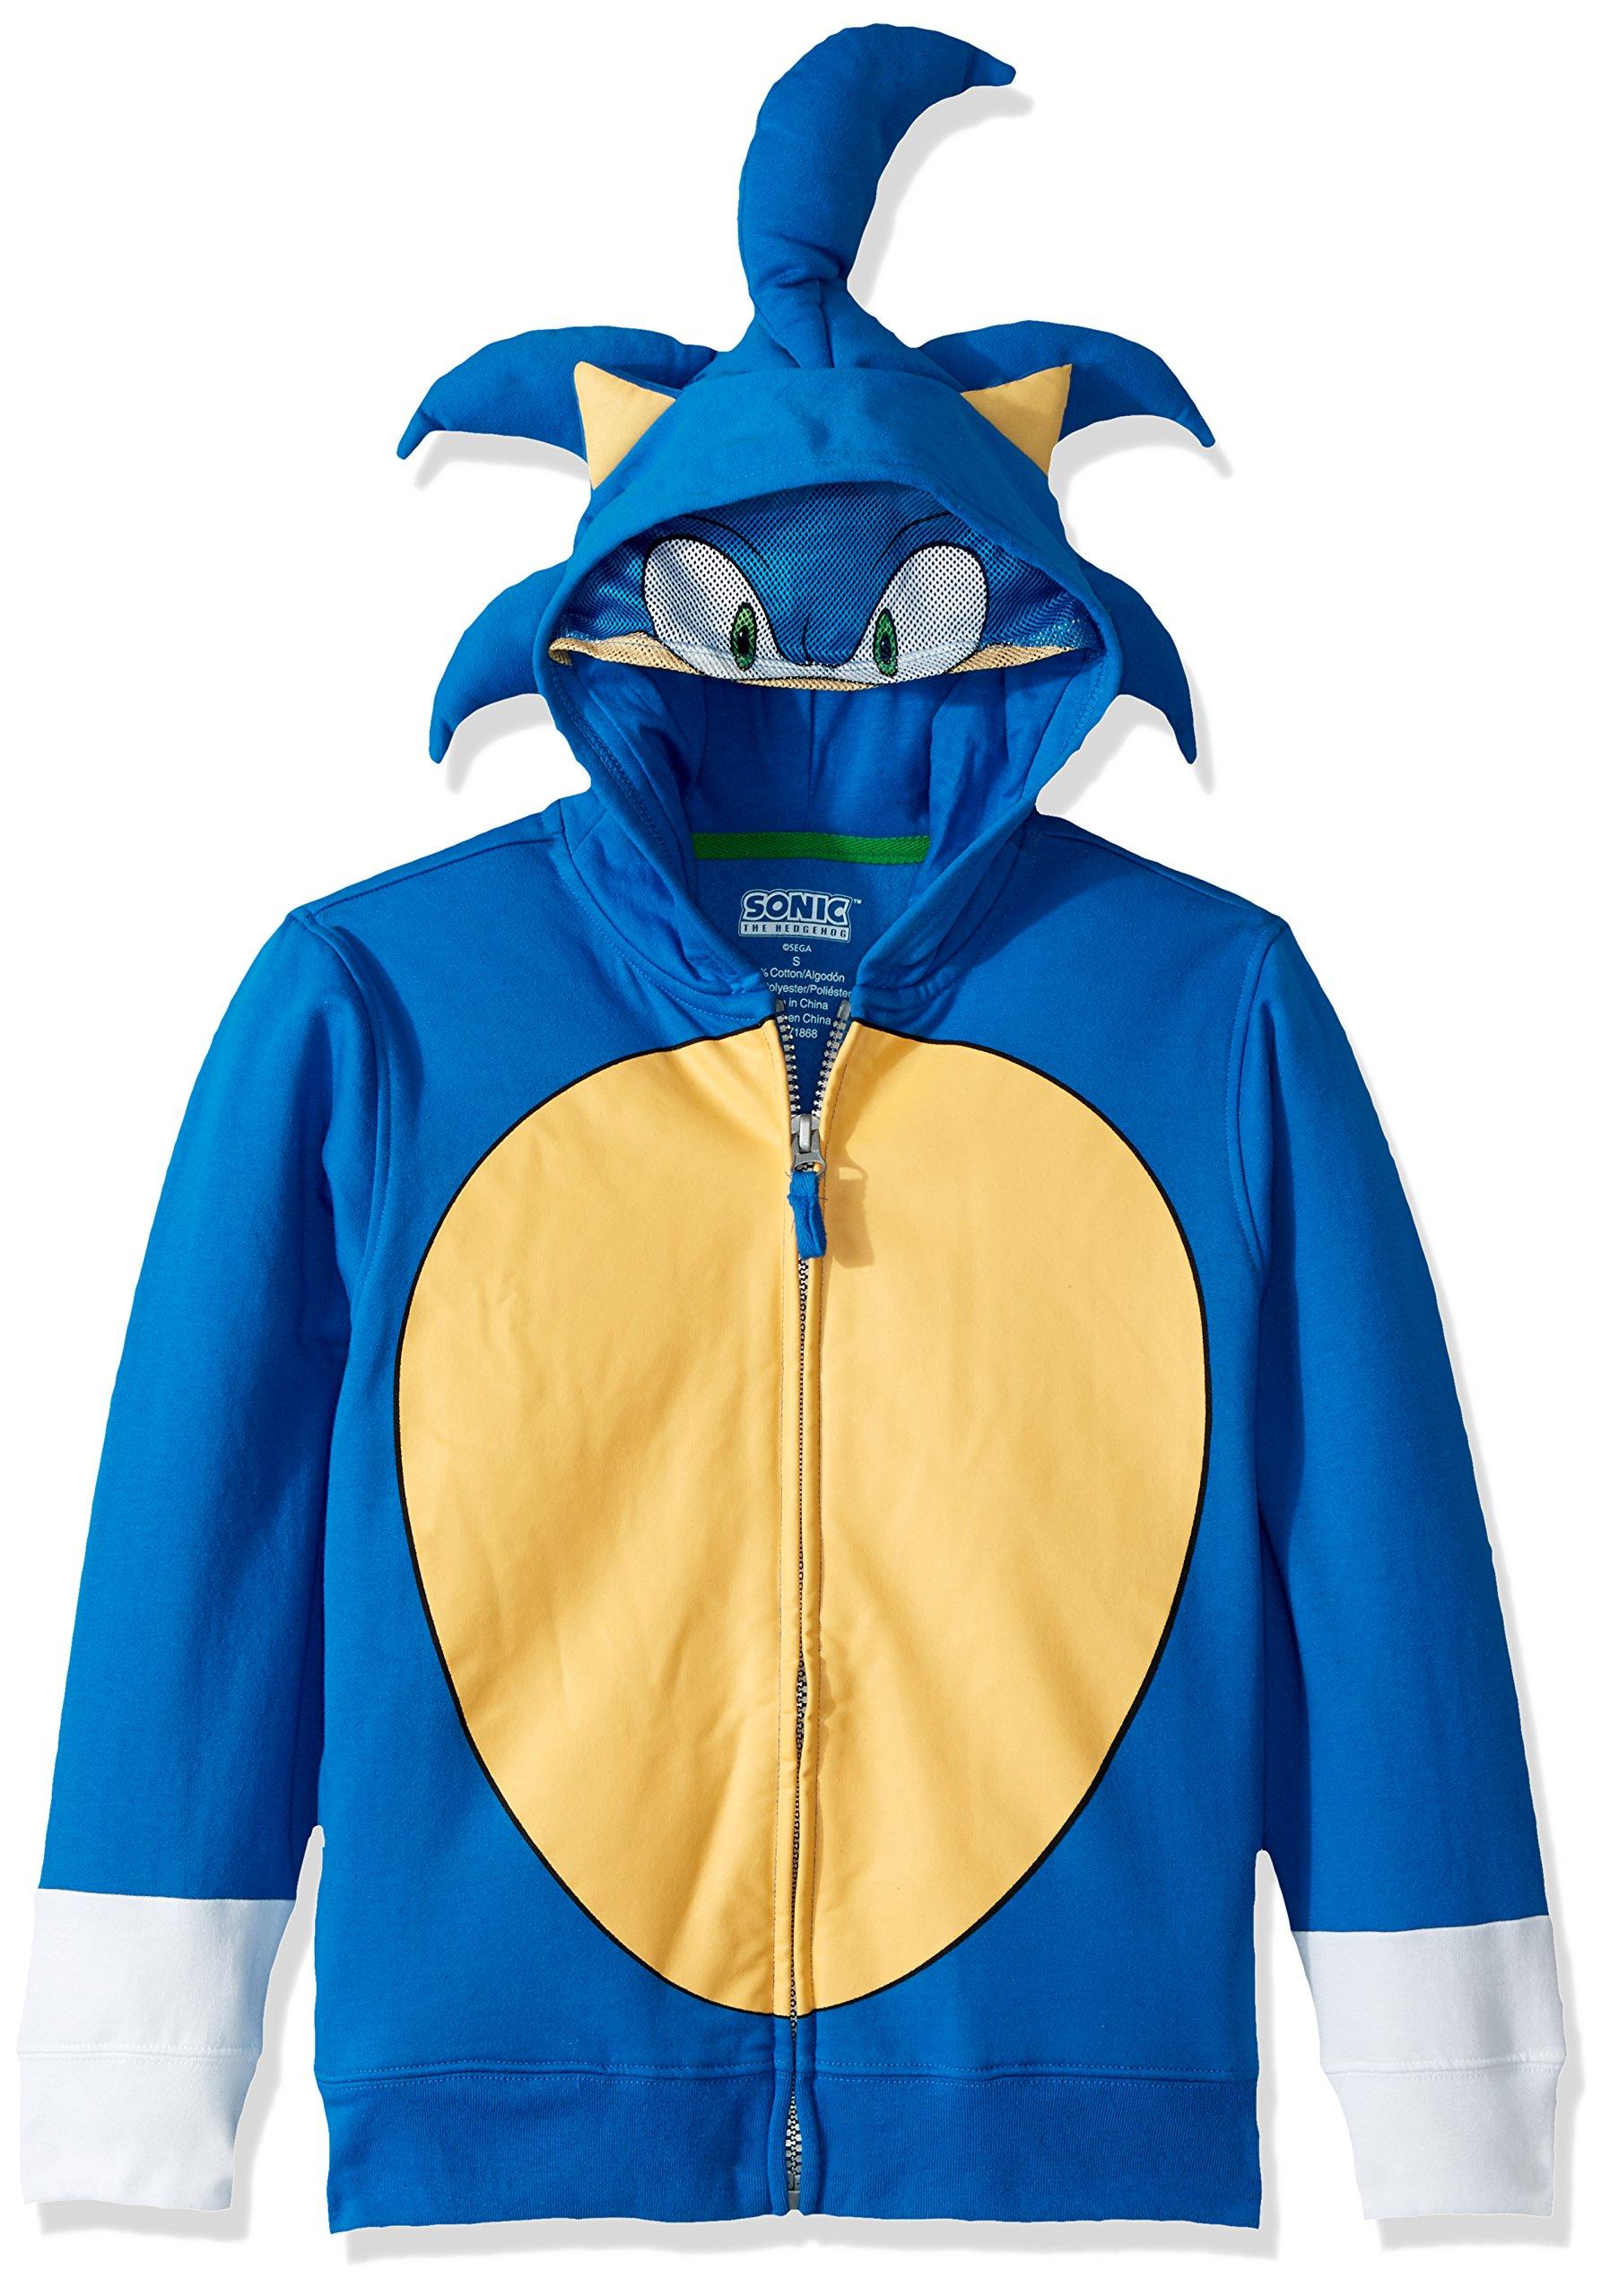 SEGA Kids' Sonic The Hedgehog Costume Hoodie